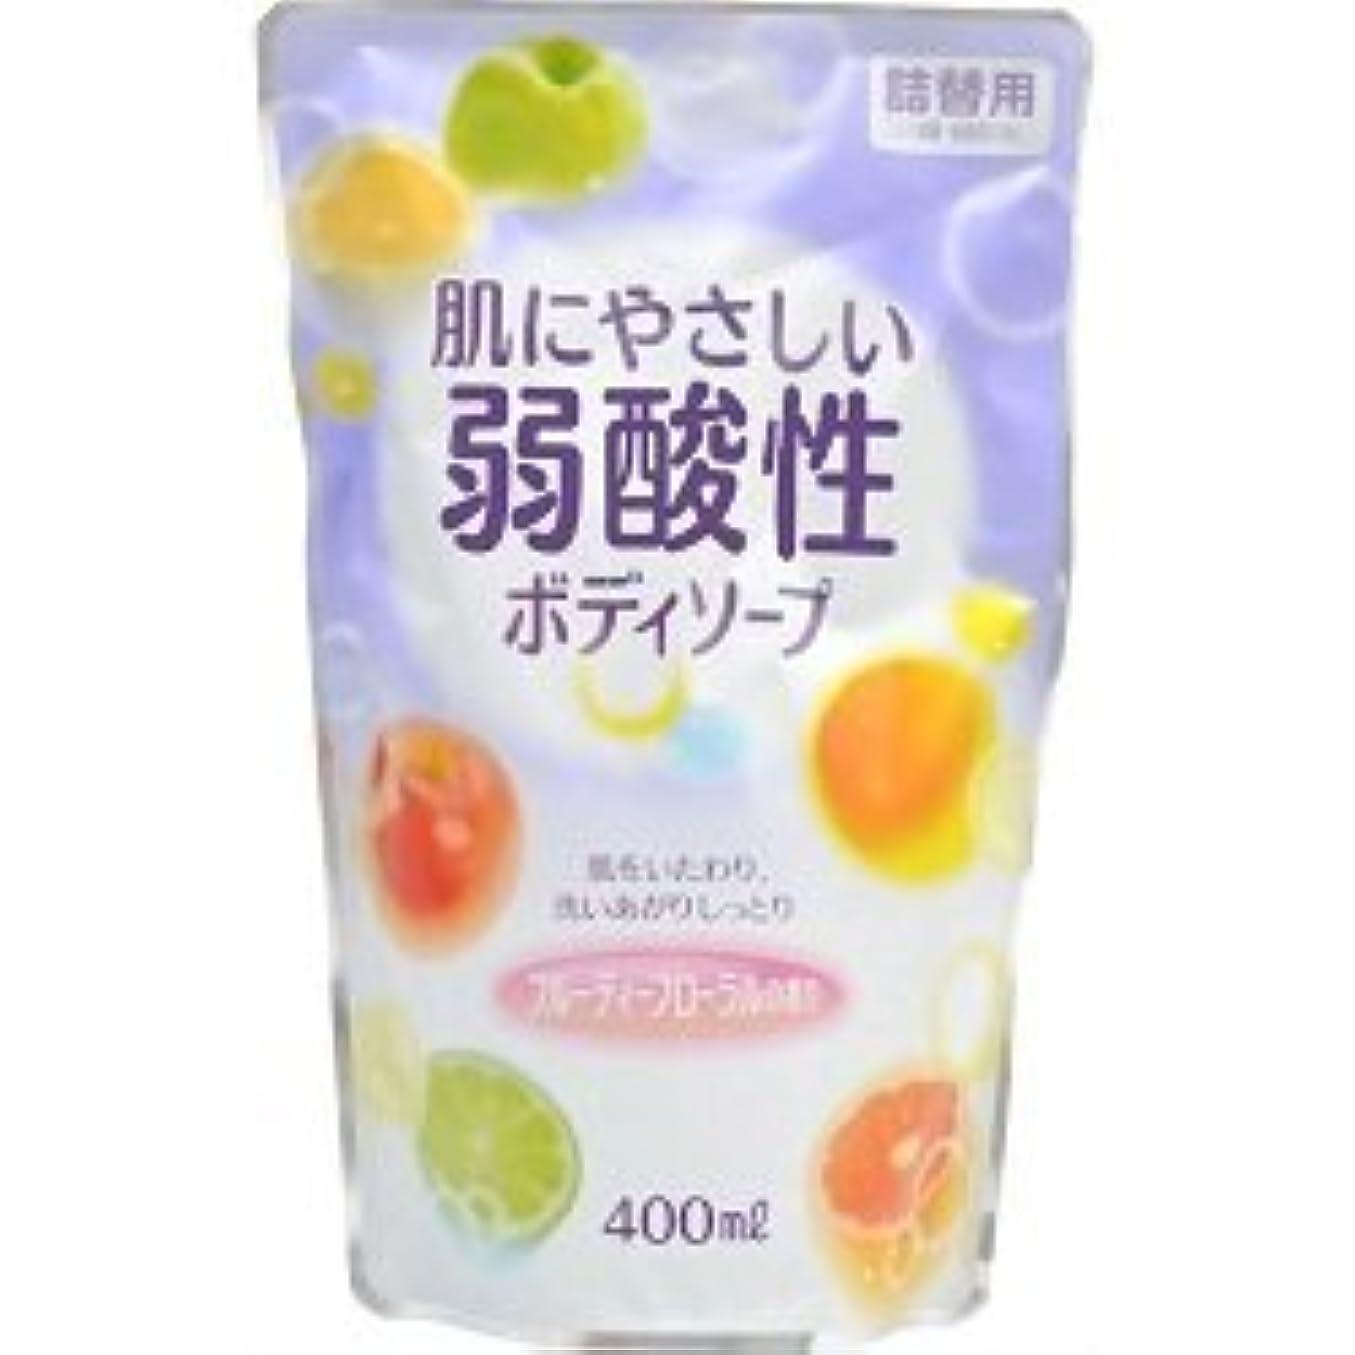 ストロー太字簡潔な【エオリア】弱酸性ボディソープ フルーティフローラルの香り 詰替用 400ml ×10個セット